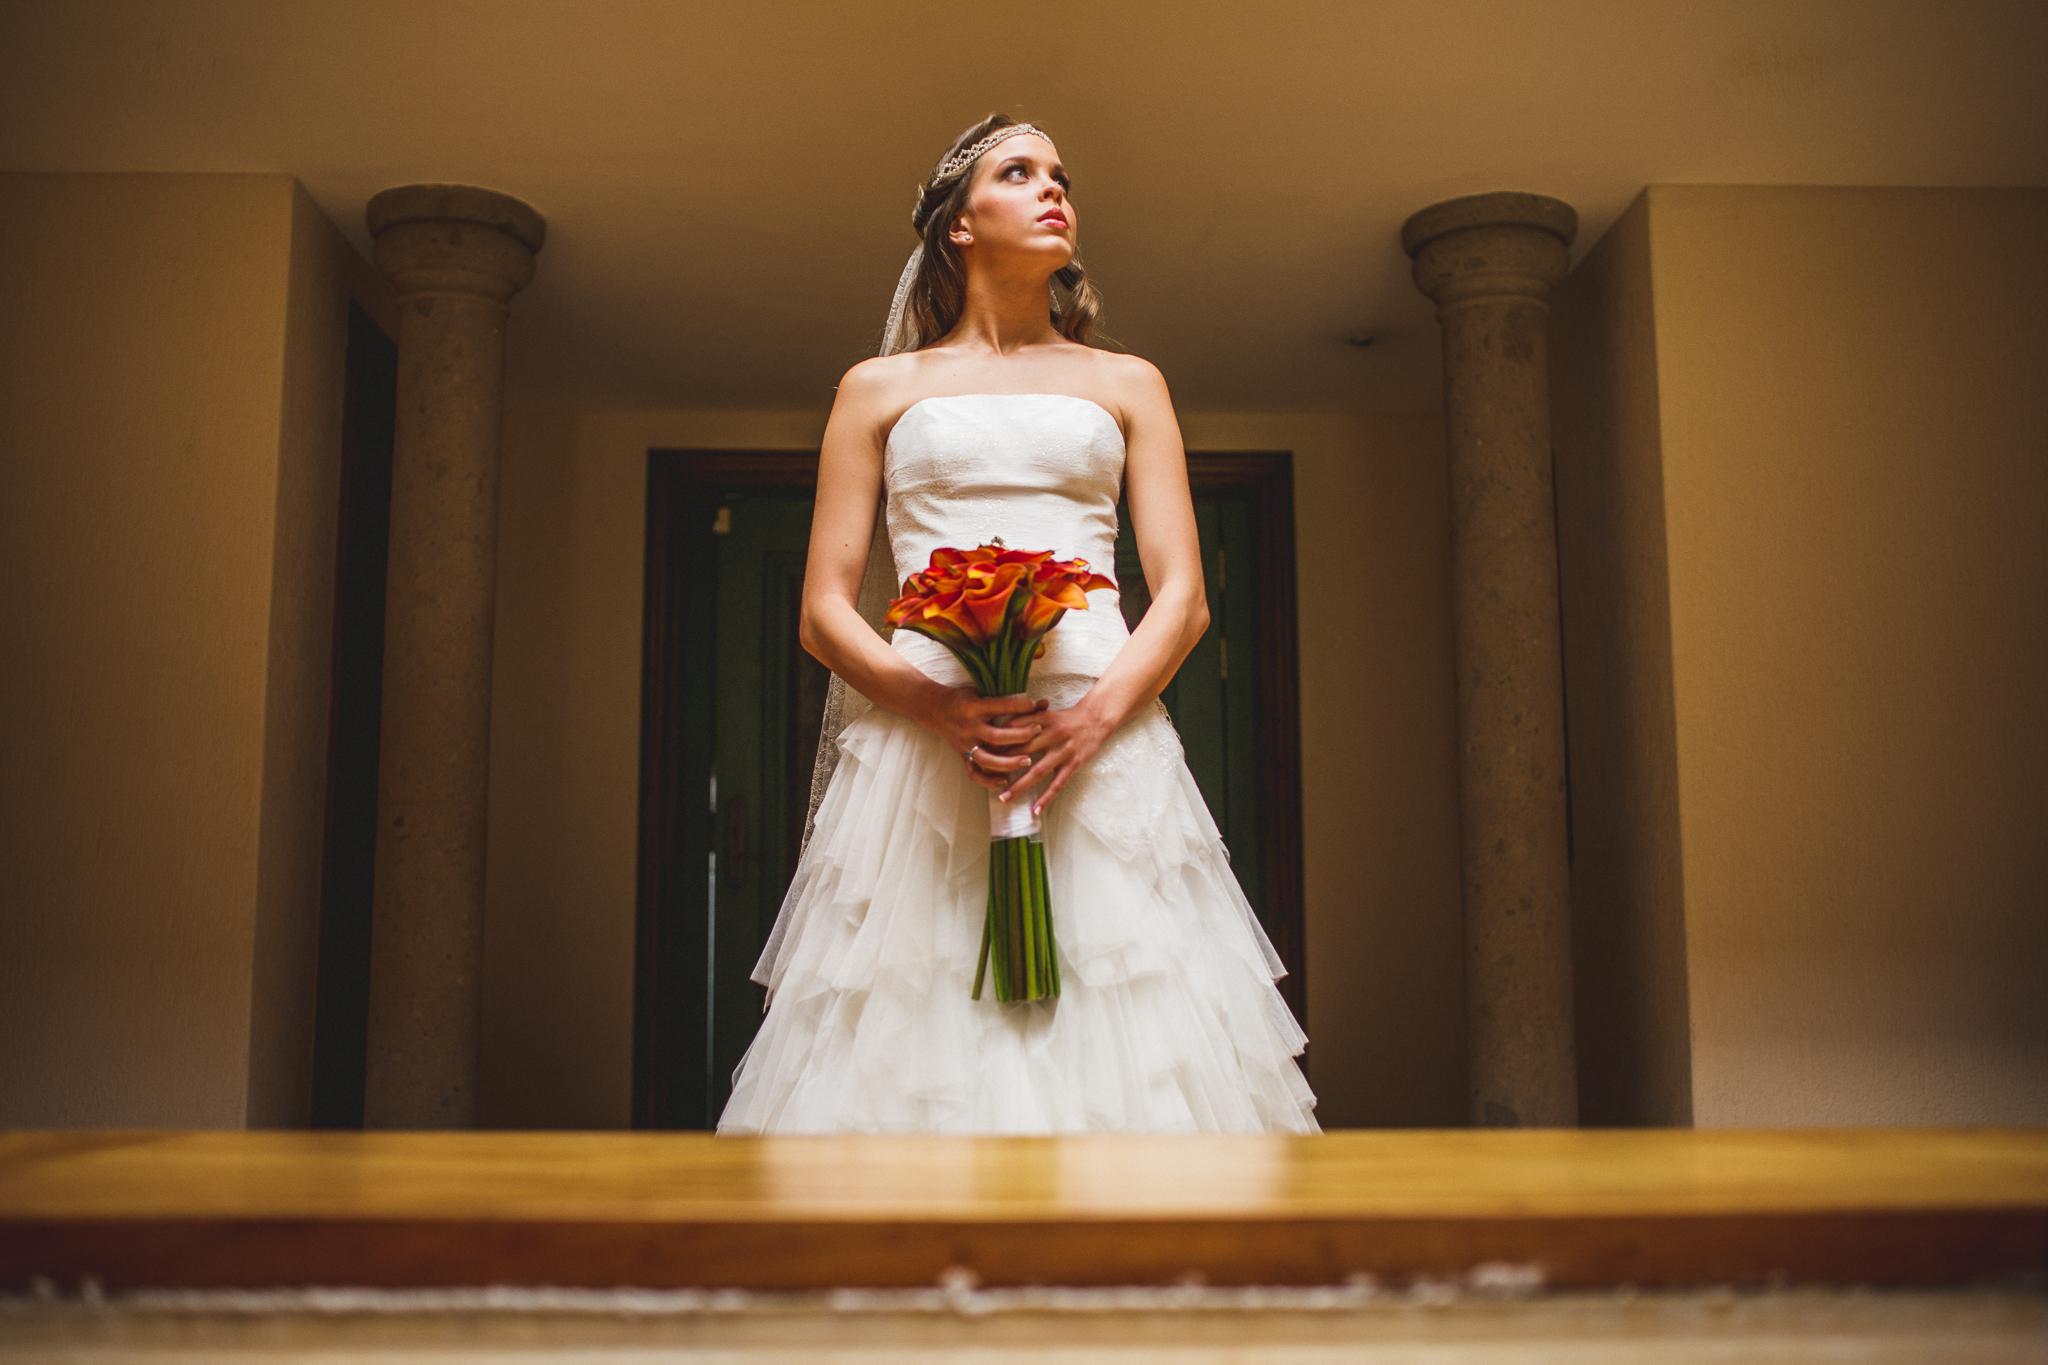 beautiful-bride-portrait-brazil.jpg